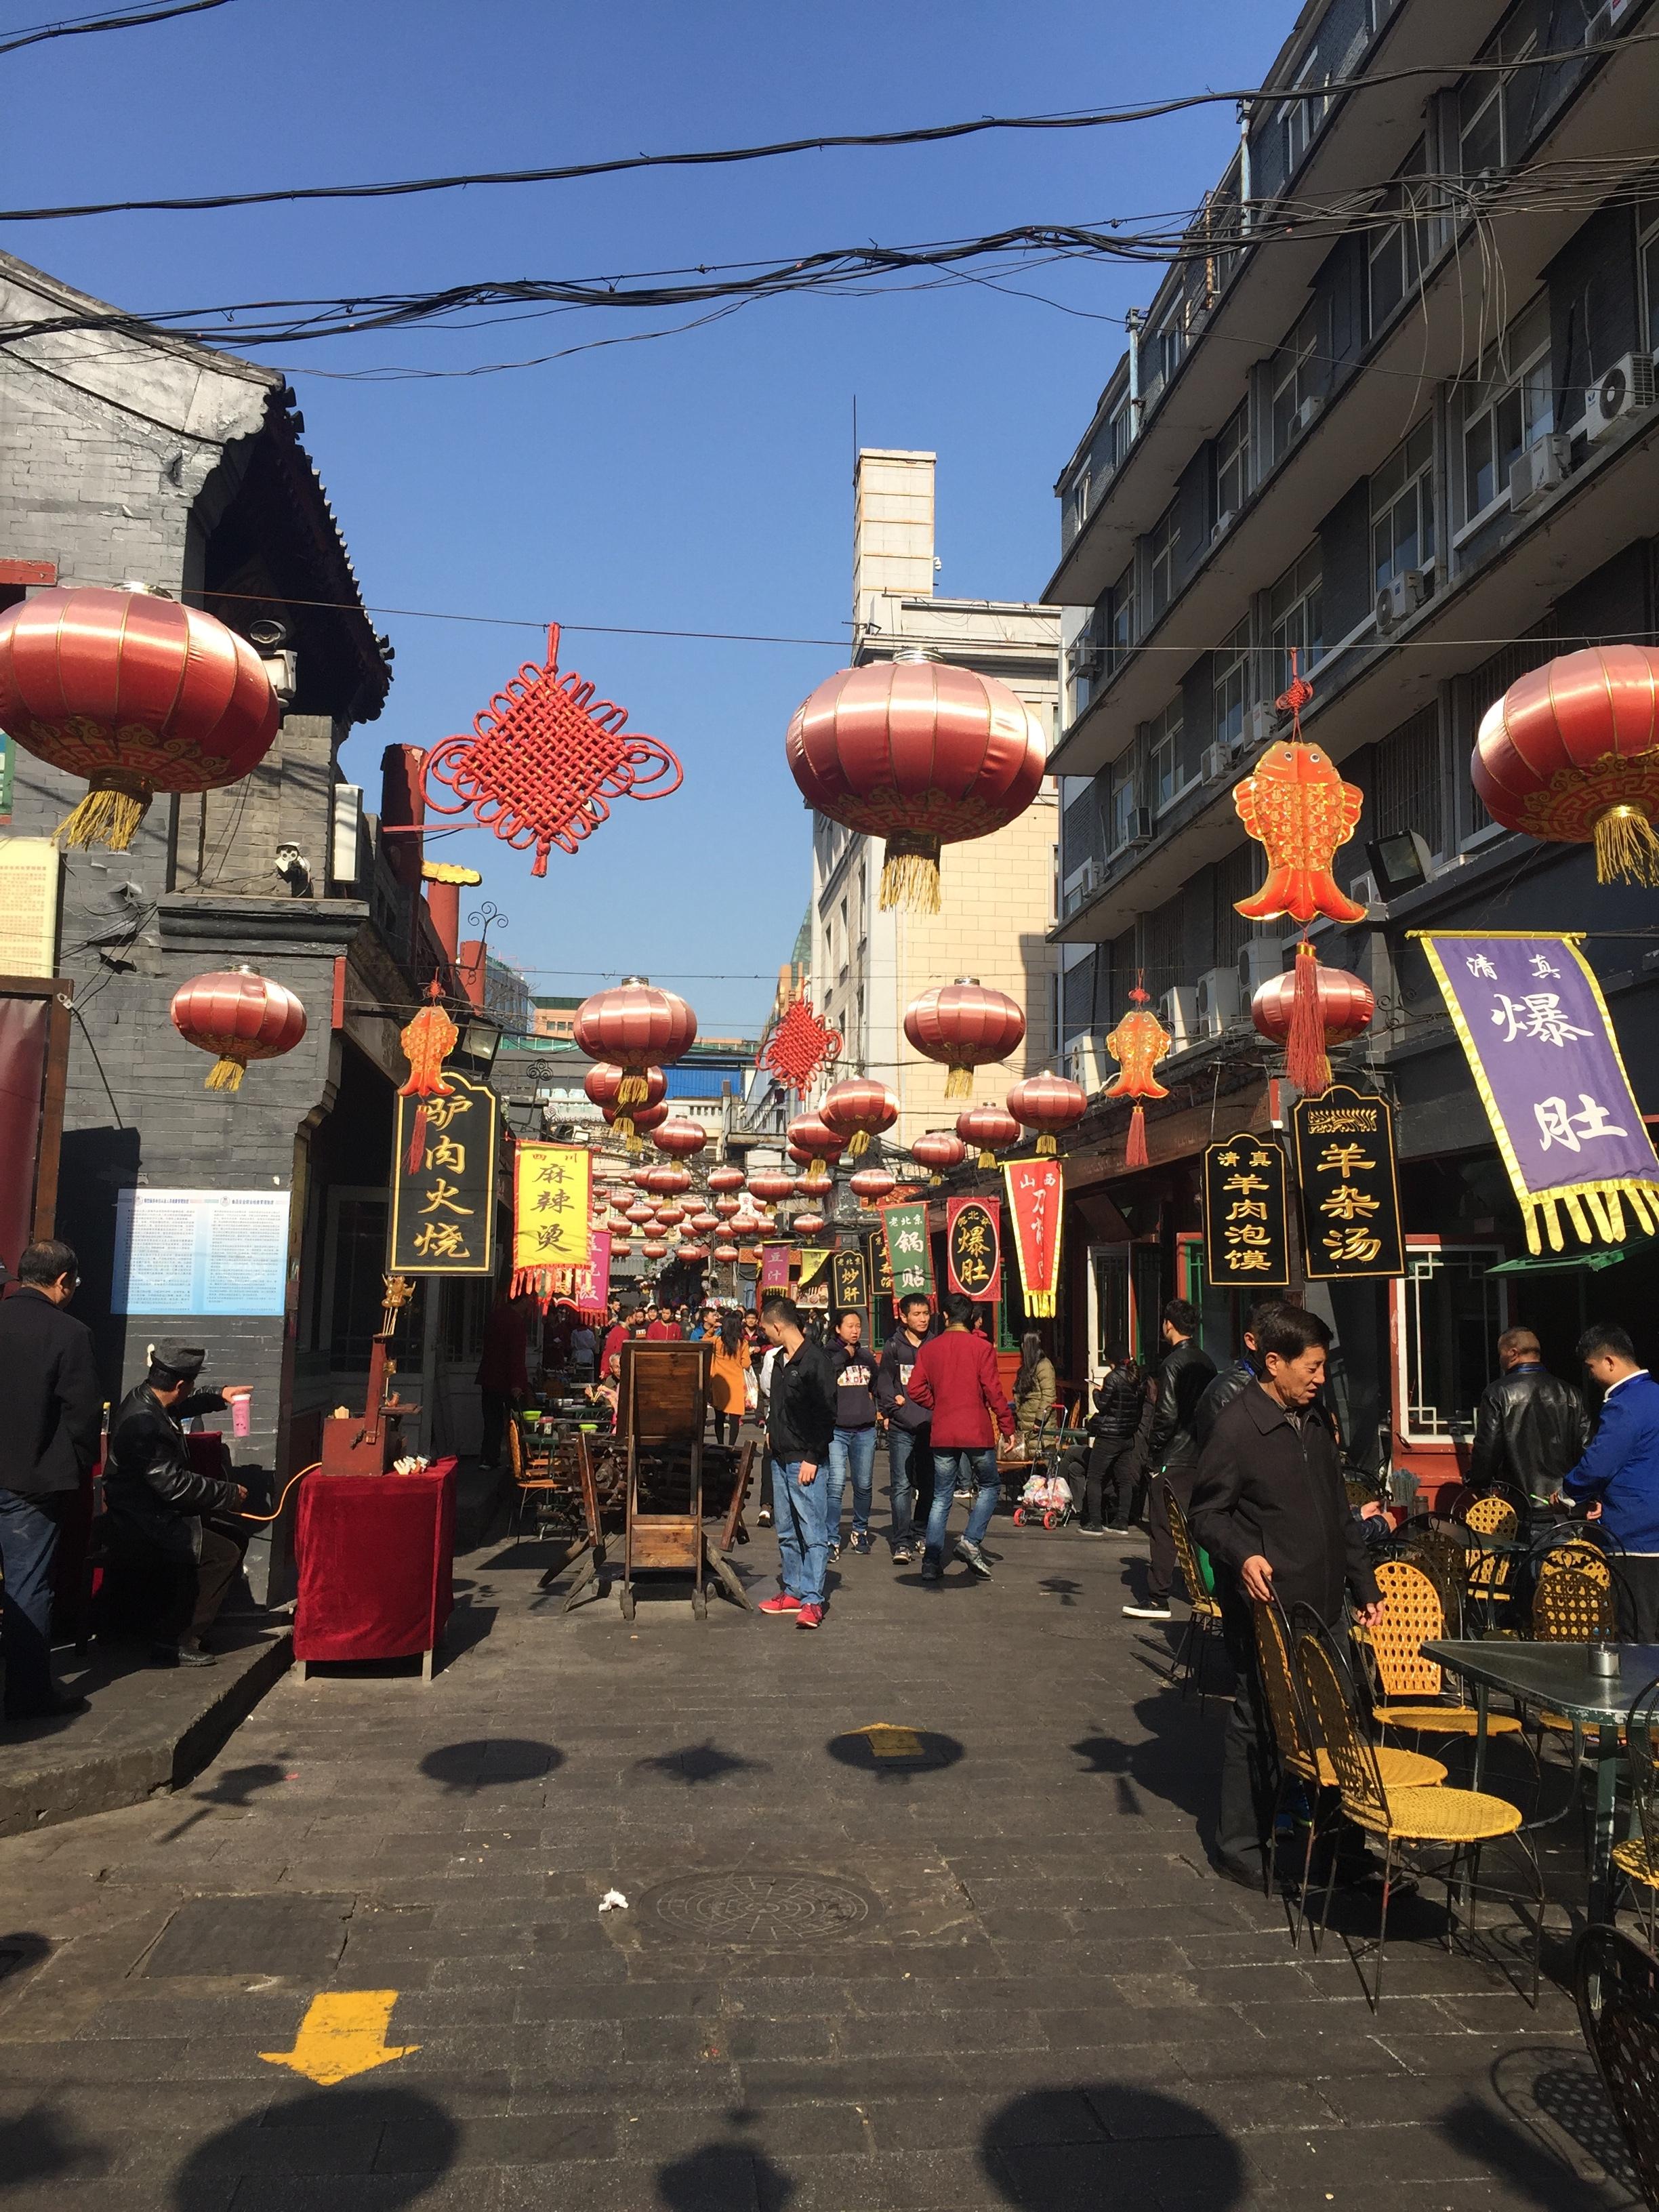 Bustling street in Beijing